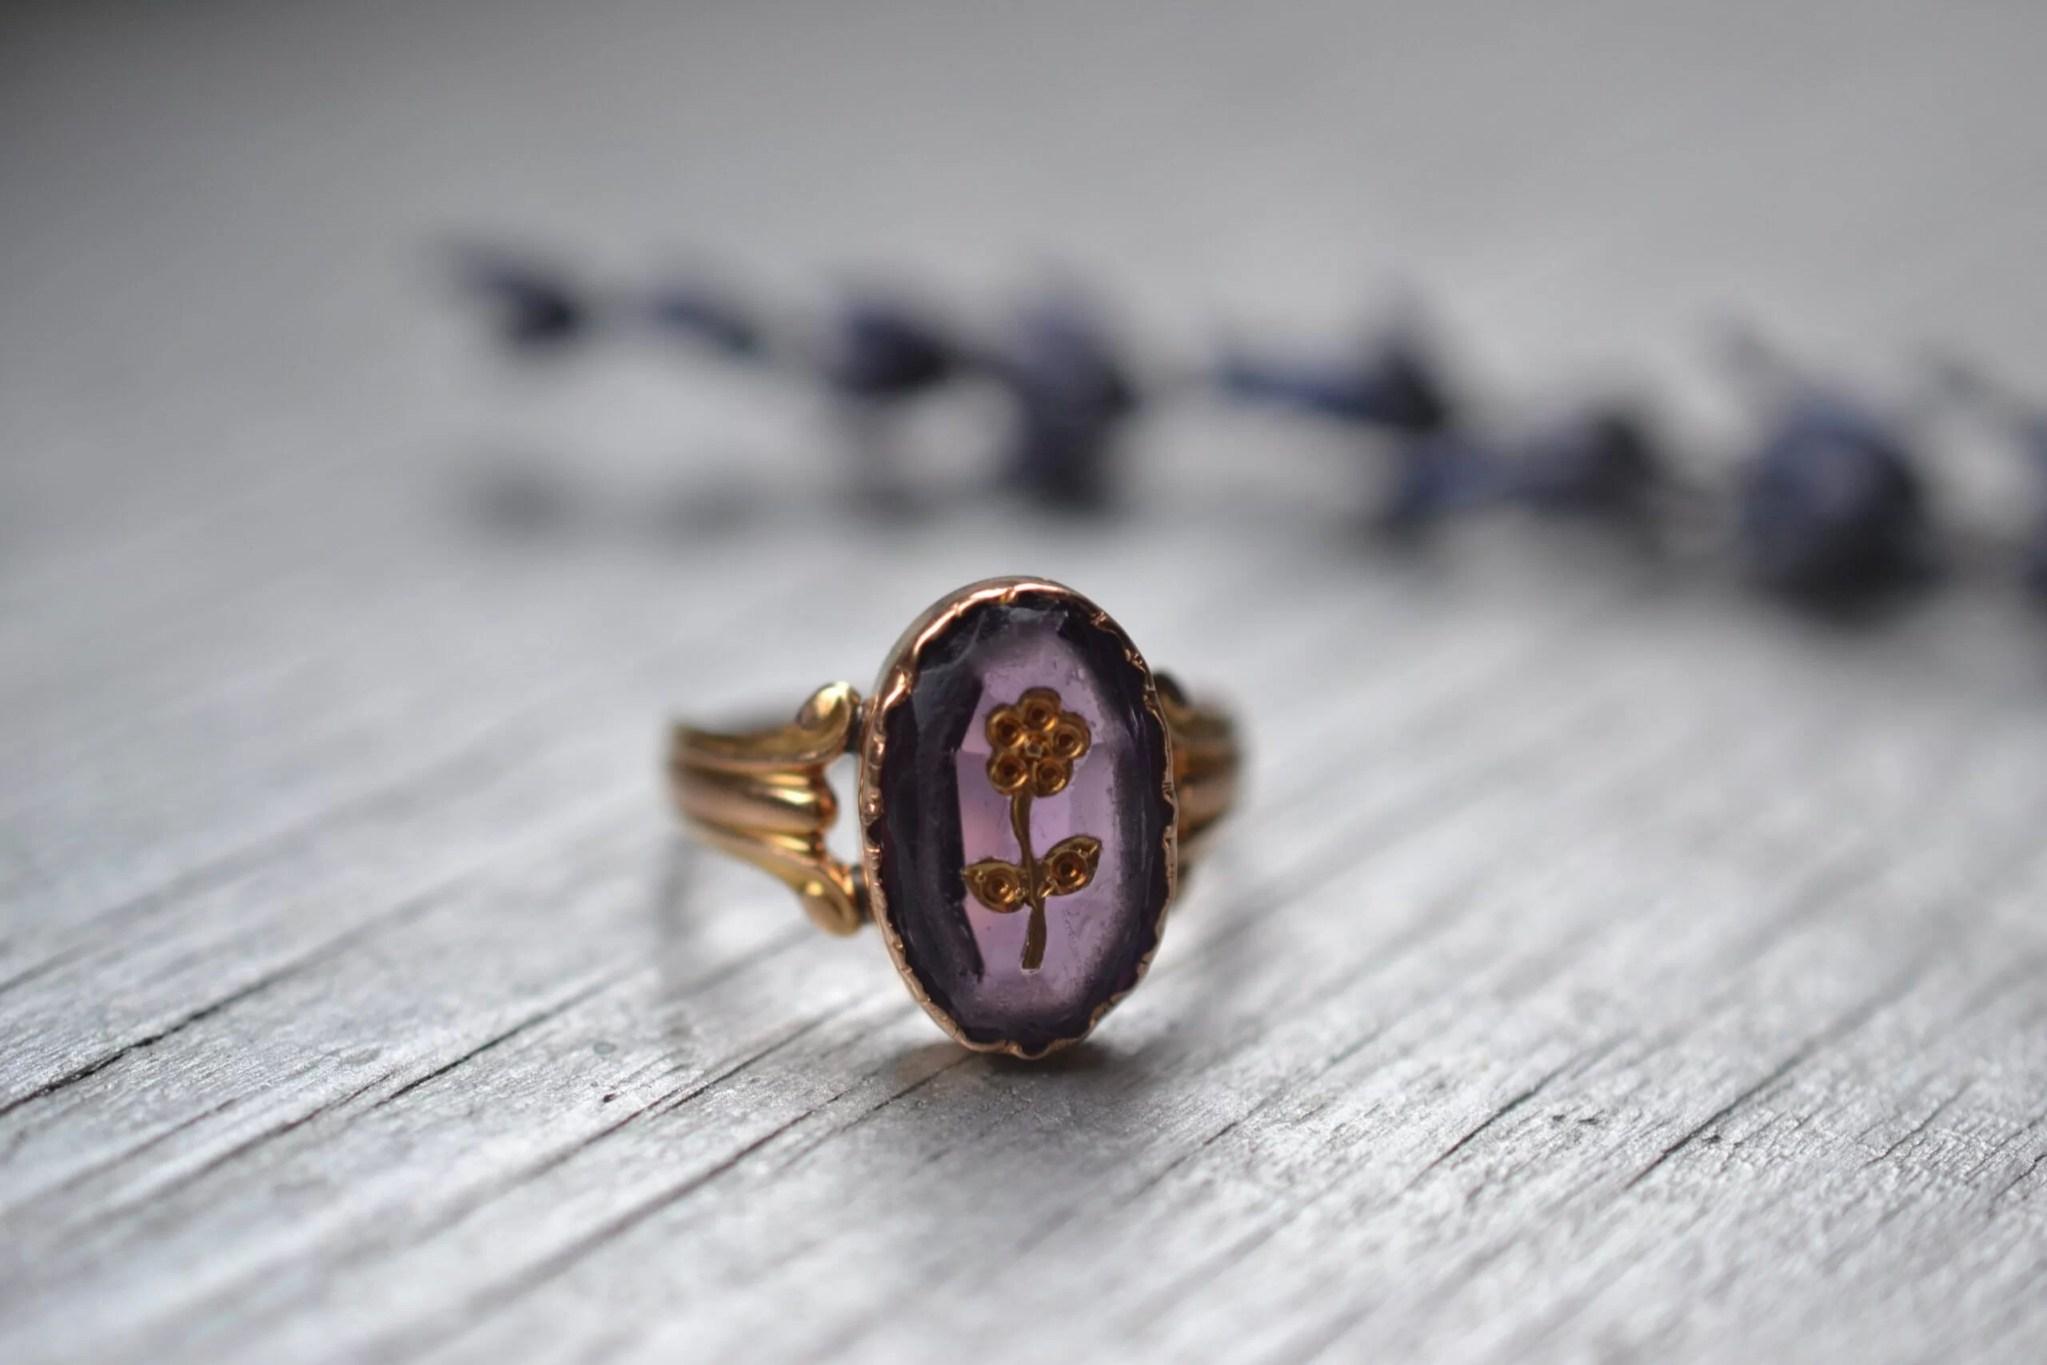 Bague vintage et ancienne en or jaune 18 carats (750/1000), sertie d'une pierre violette et gravée d'une fleur